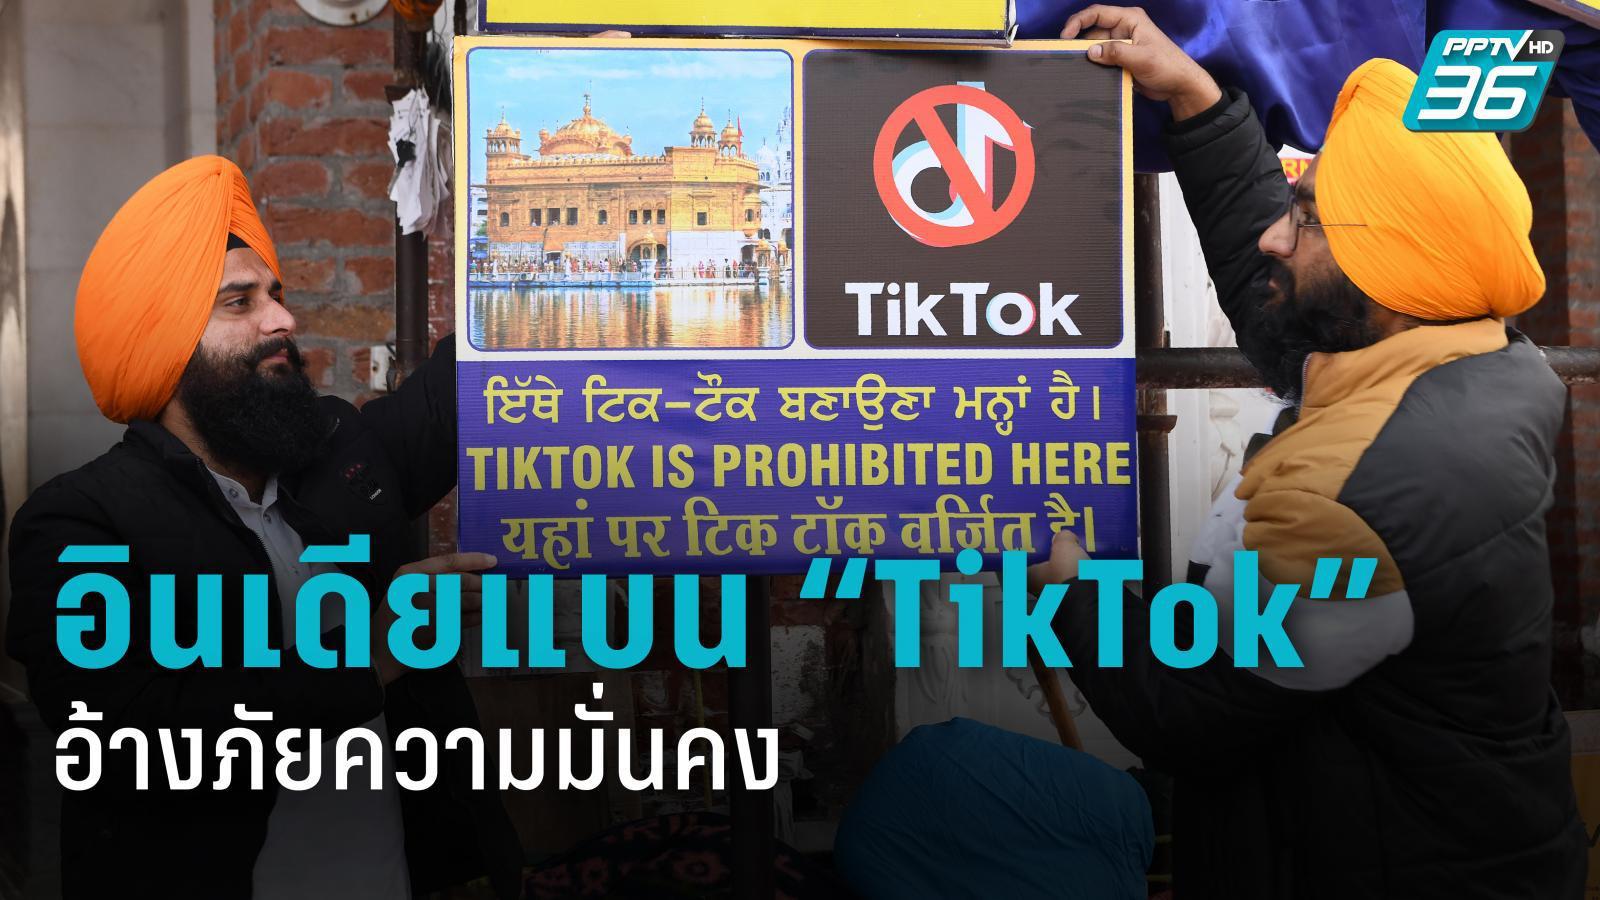 อินเดียสั่งแบนแอปฯ TikTok หลังความตึงเครียดกับจีนบานปลาย